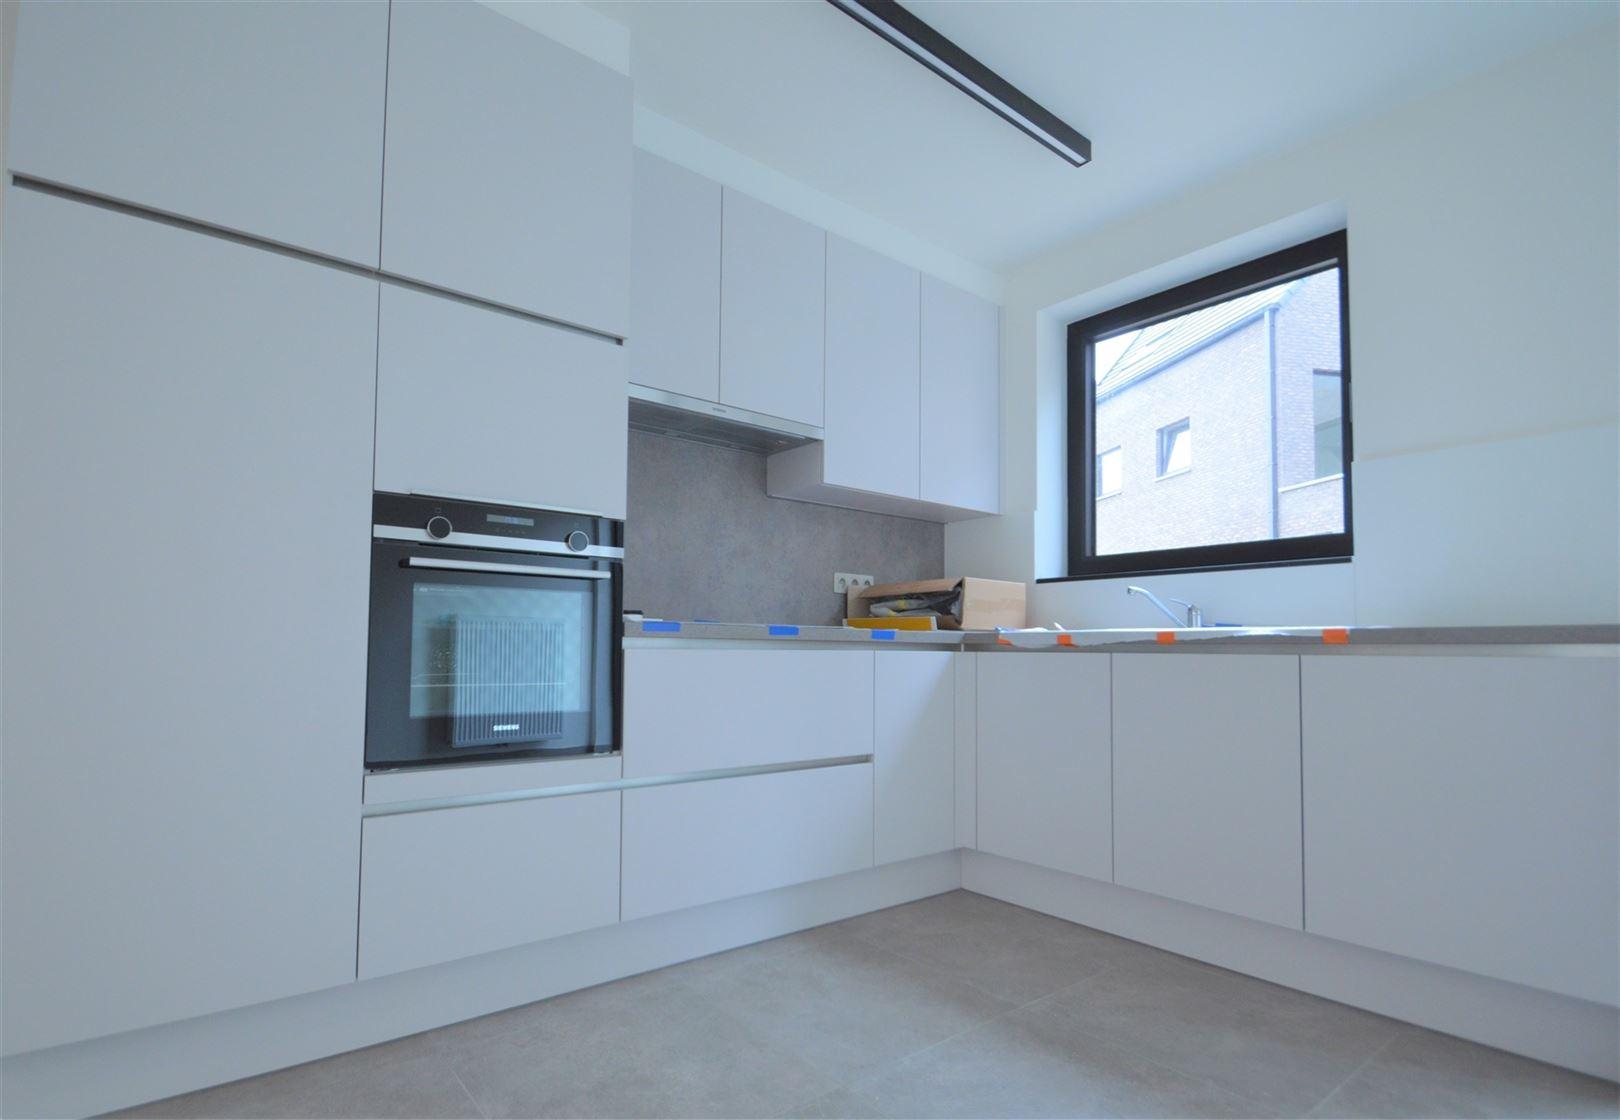 Foto 3 : Appartement te 9200 APPELS (België) - Prijs € 700